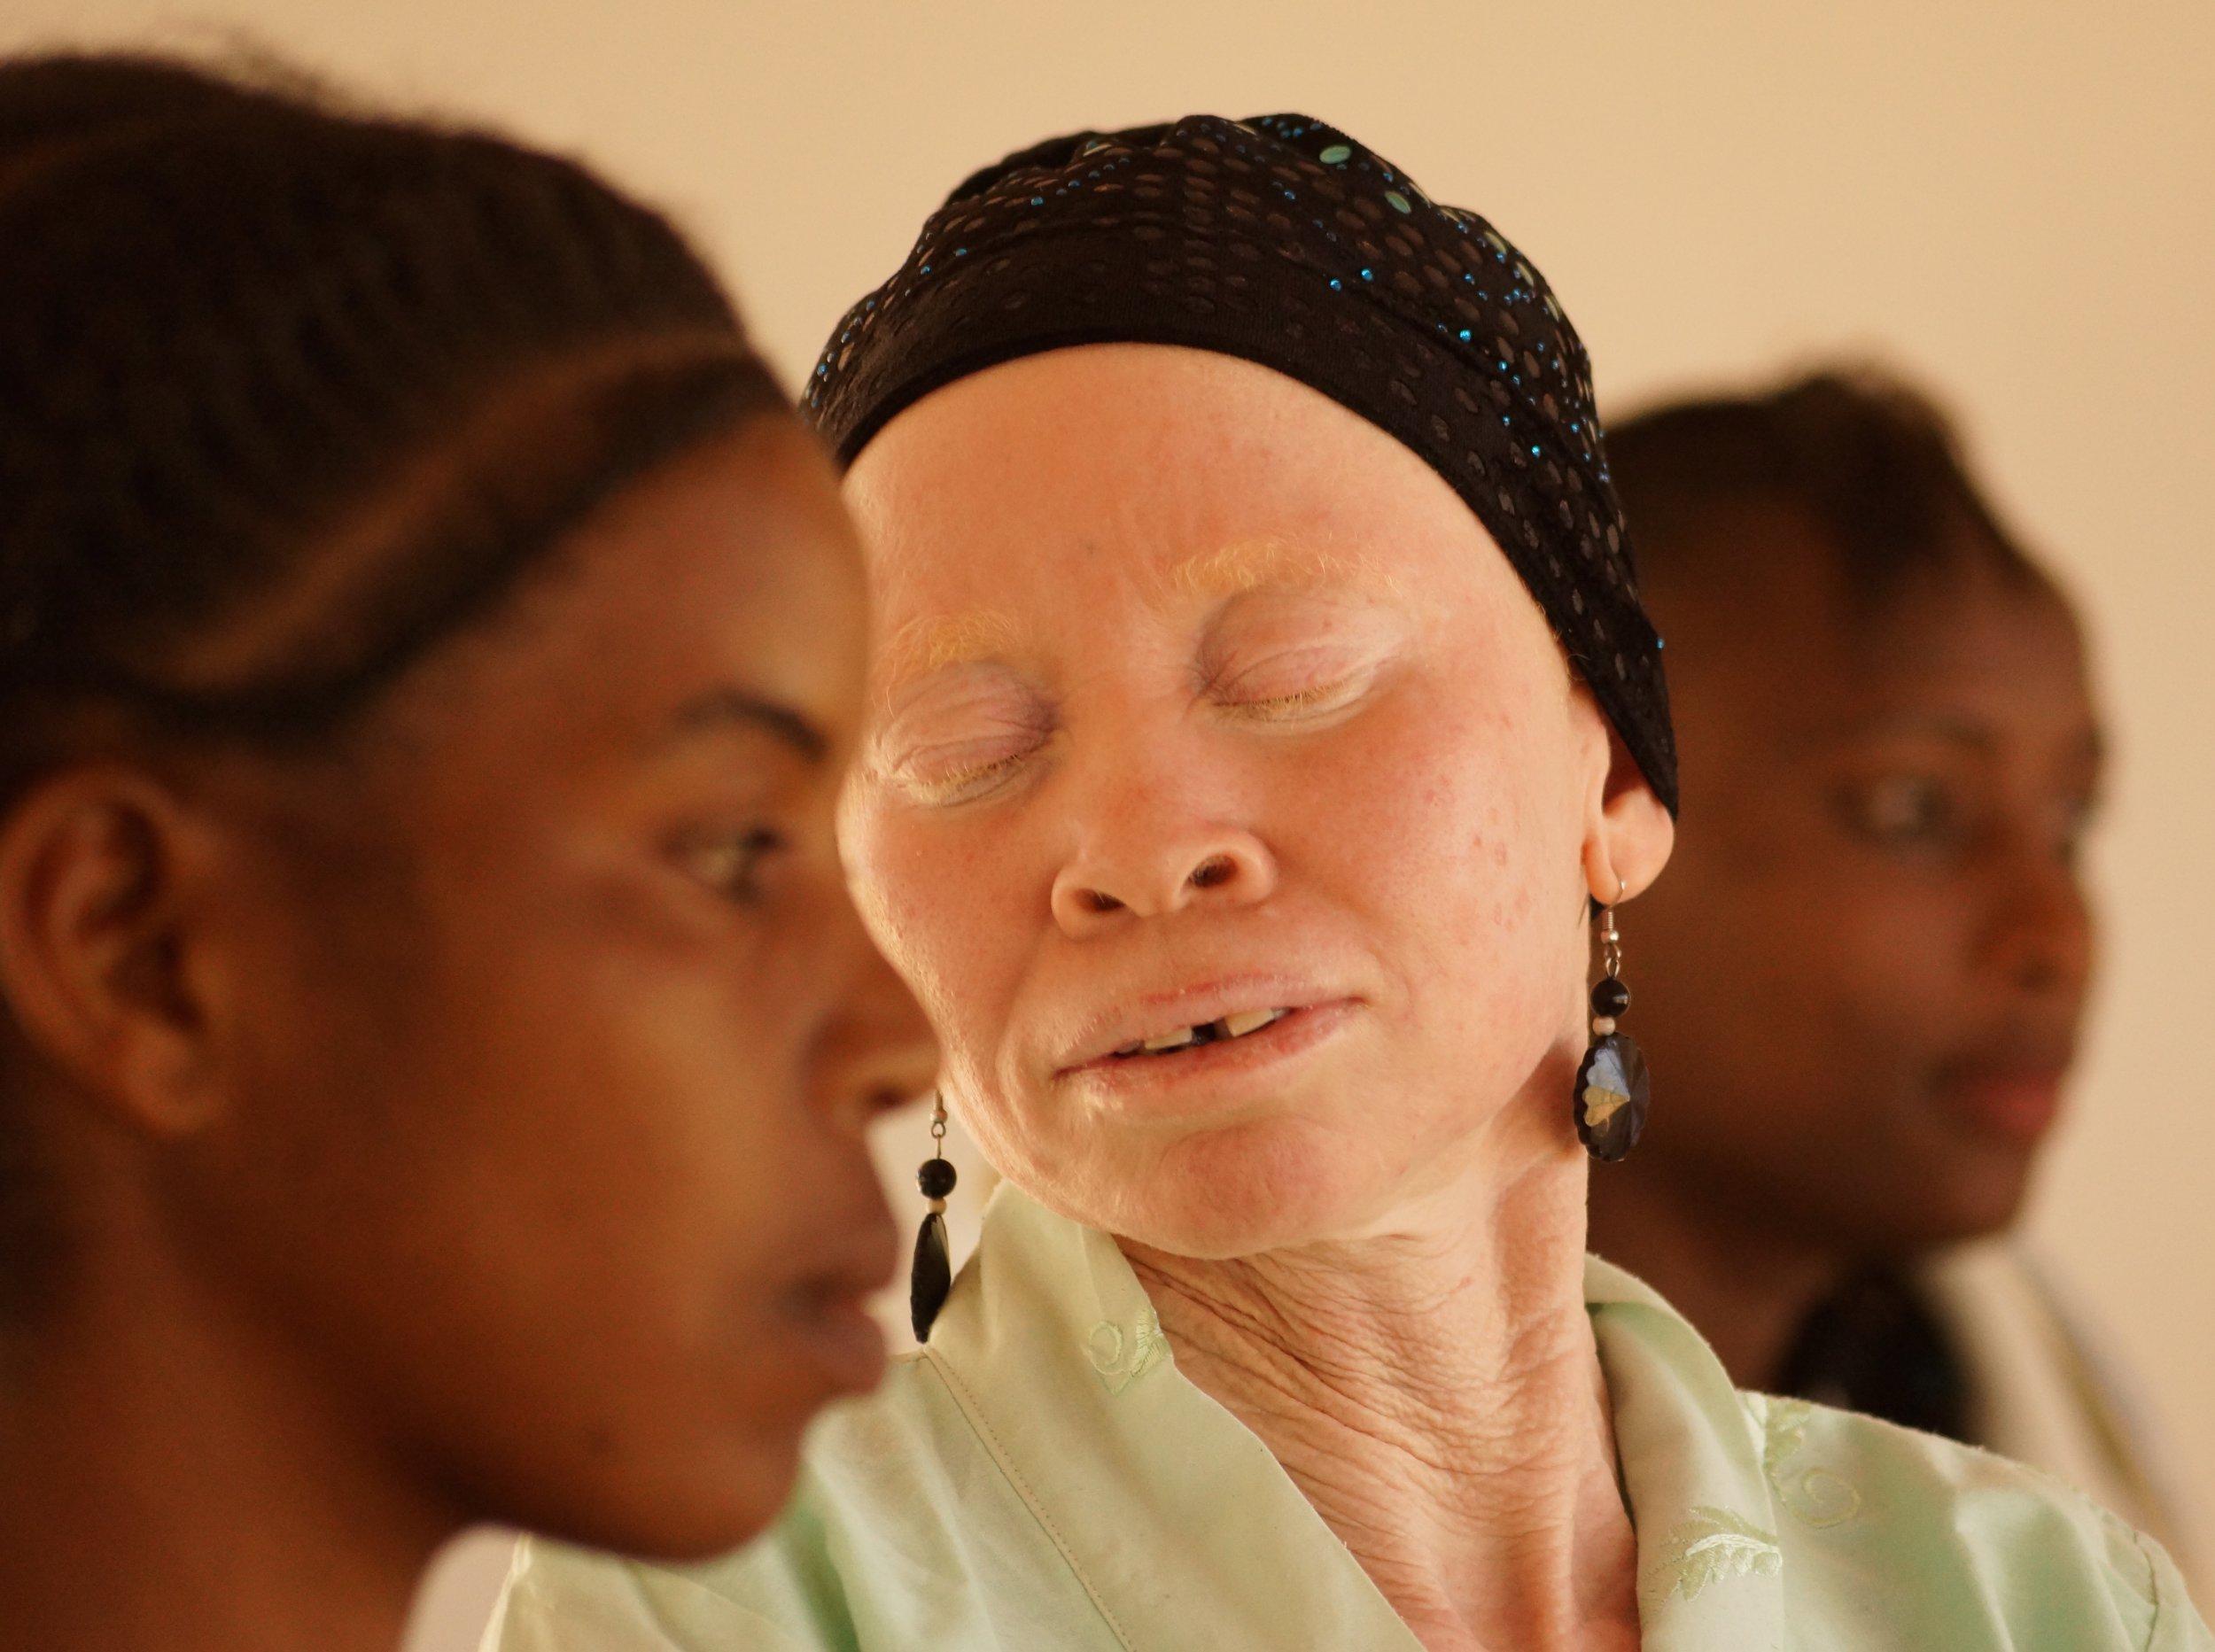 Tanzania albinism collective